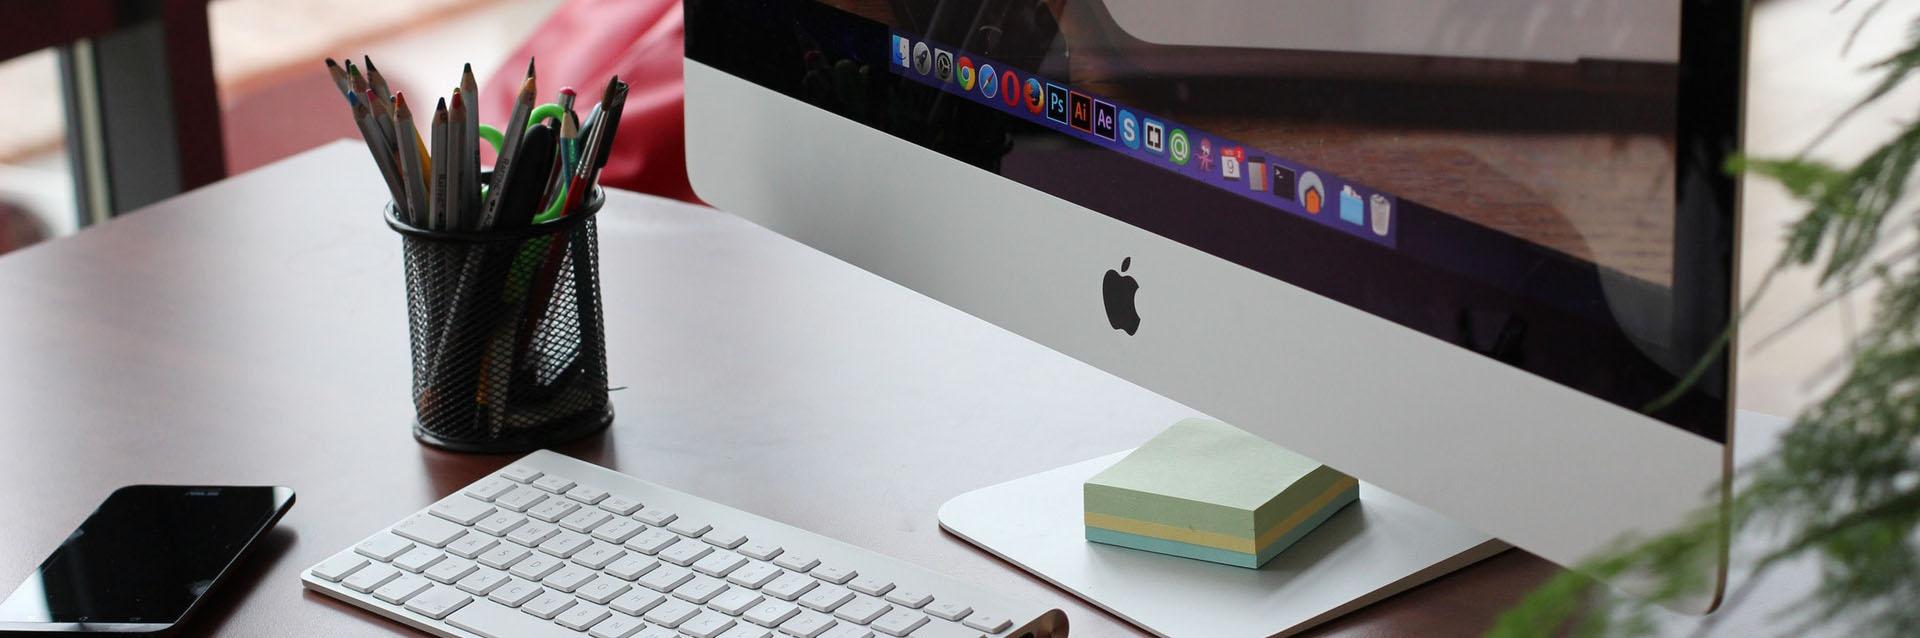 macbook penicls desk